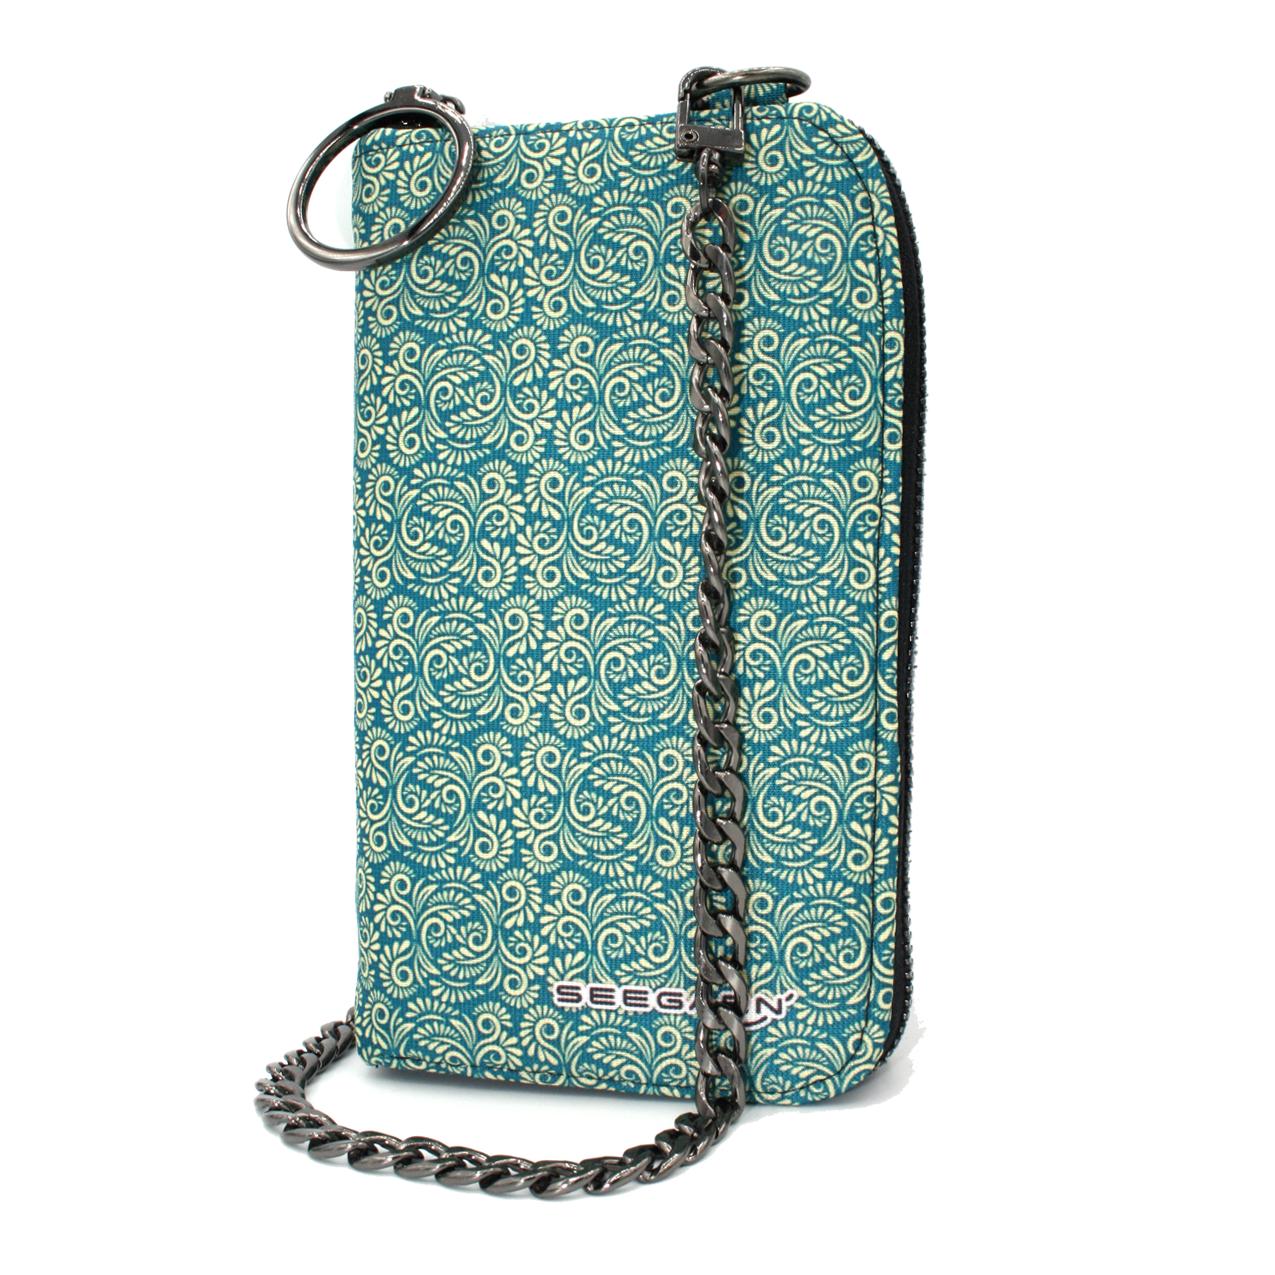 Smart-Bag, 2in1 Handy-Tasche und Geldbeutel (MB24)